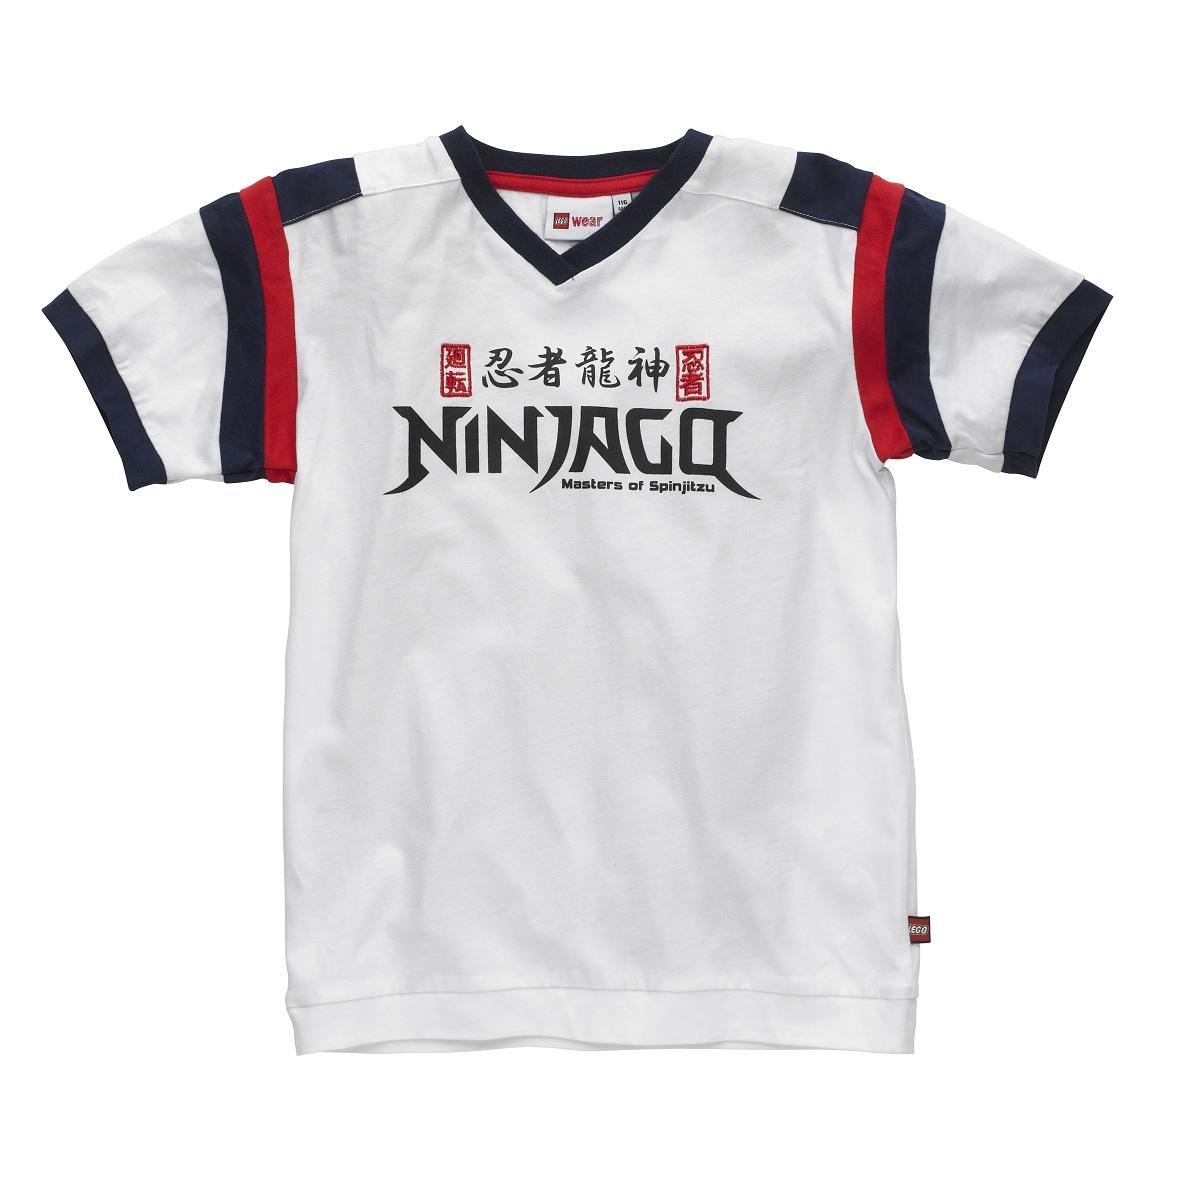 LEGOkläder - LEGO Wear Ninjago kortärmad t-shirt TERRY 403 - Bokextra 25a283b9e18ac